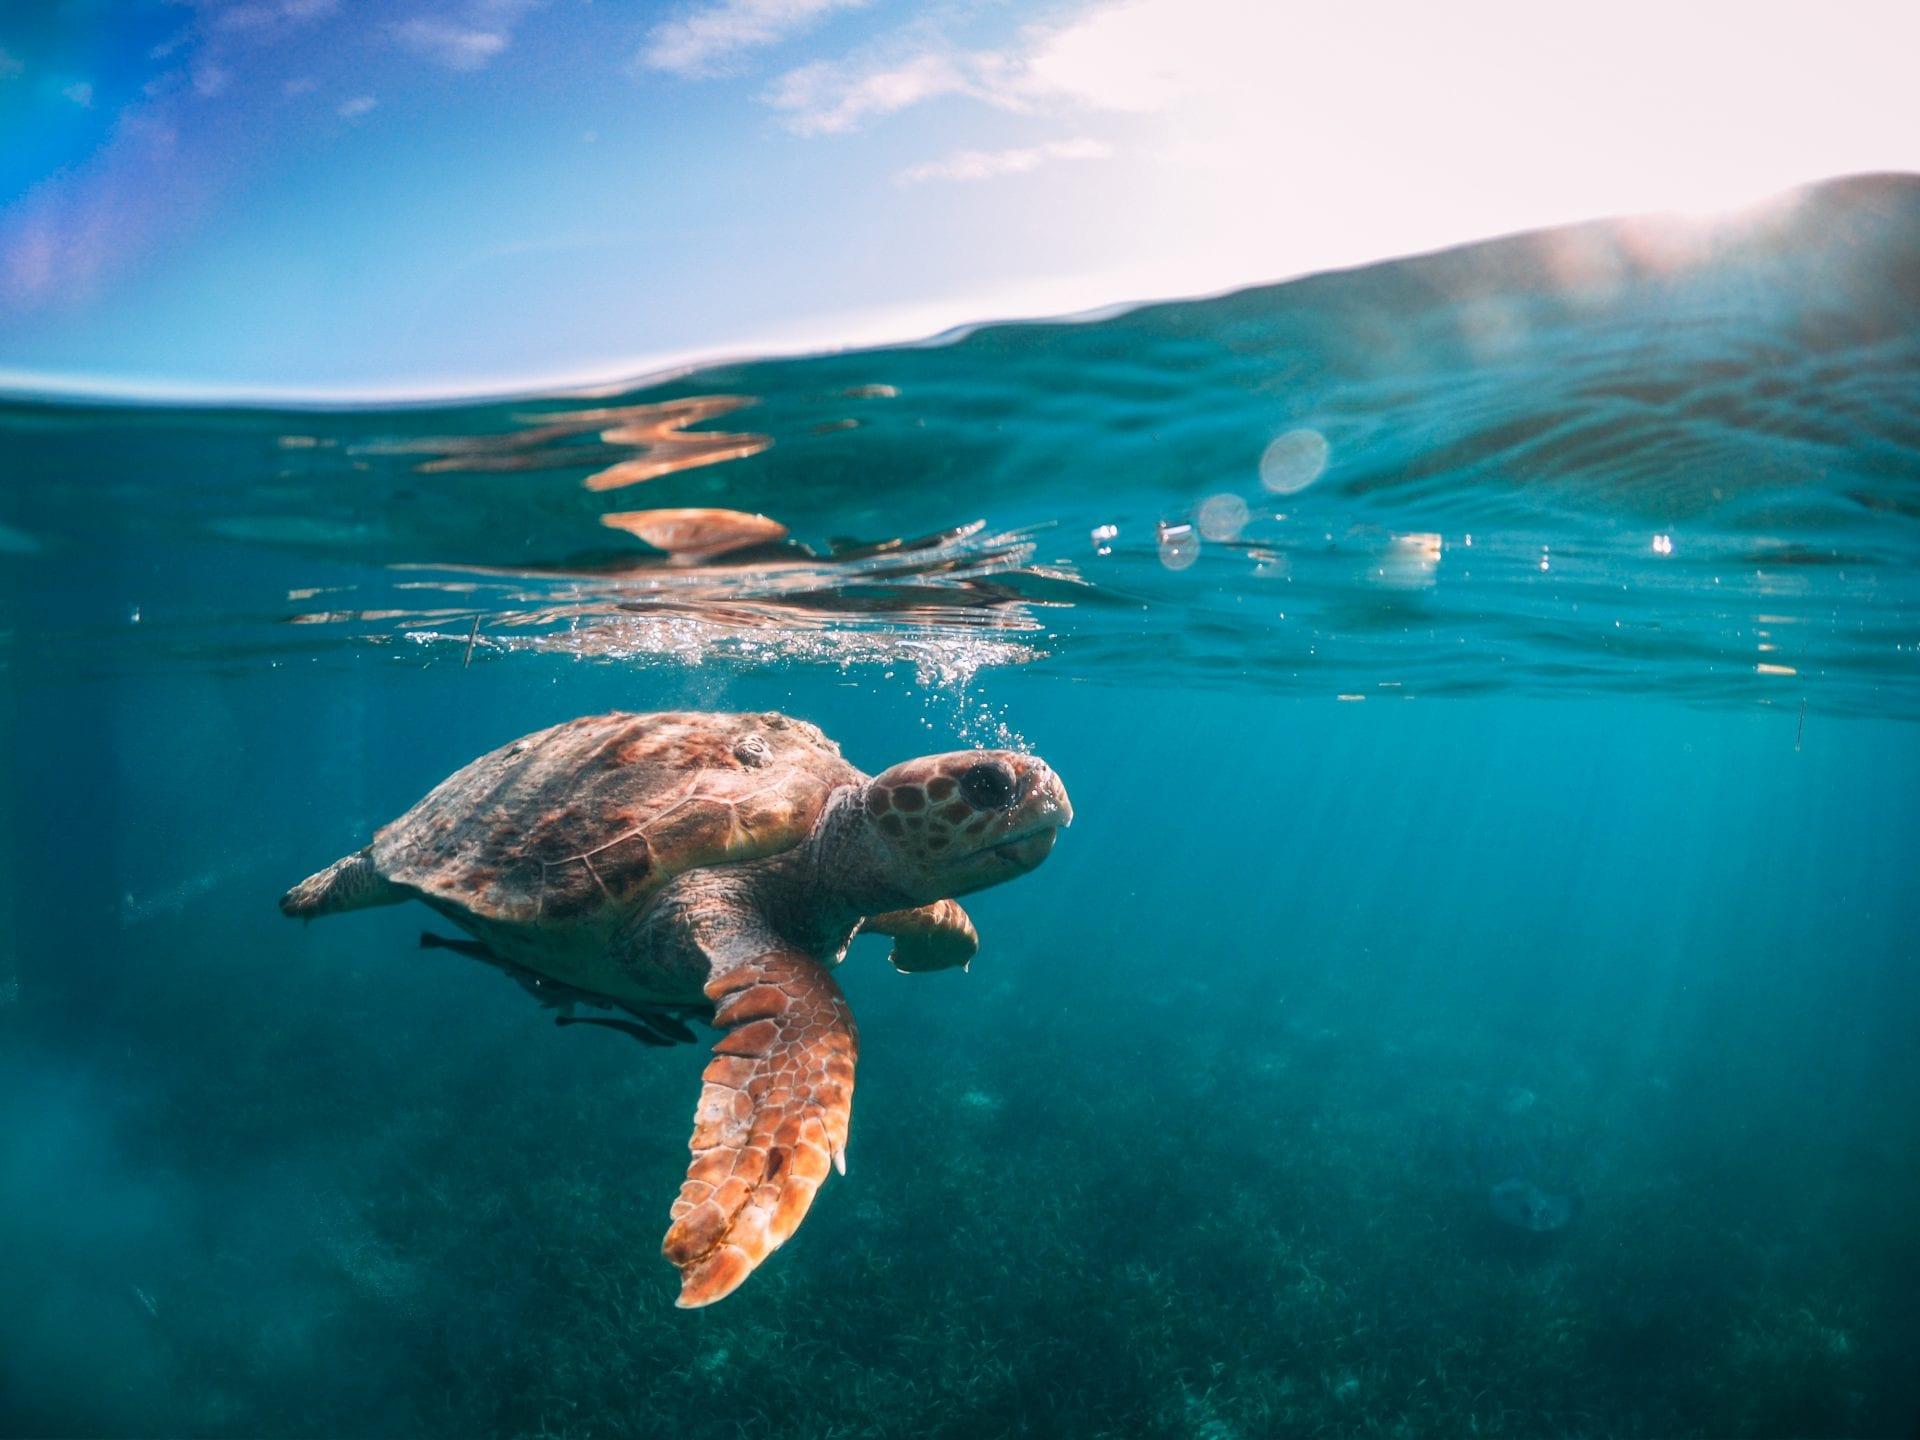 turtle underwater snorkel